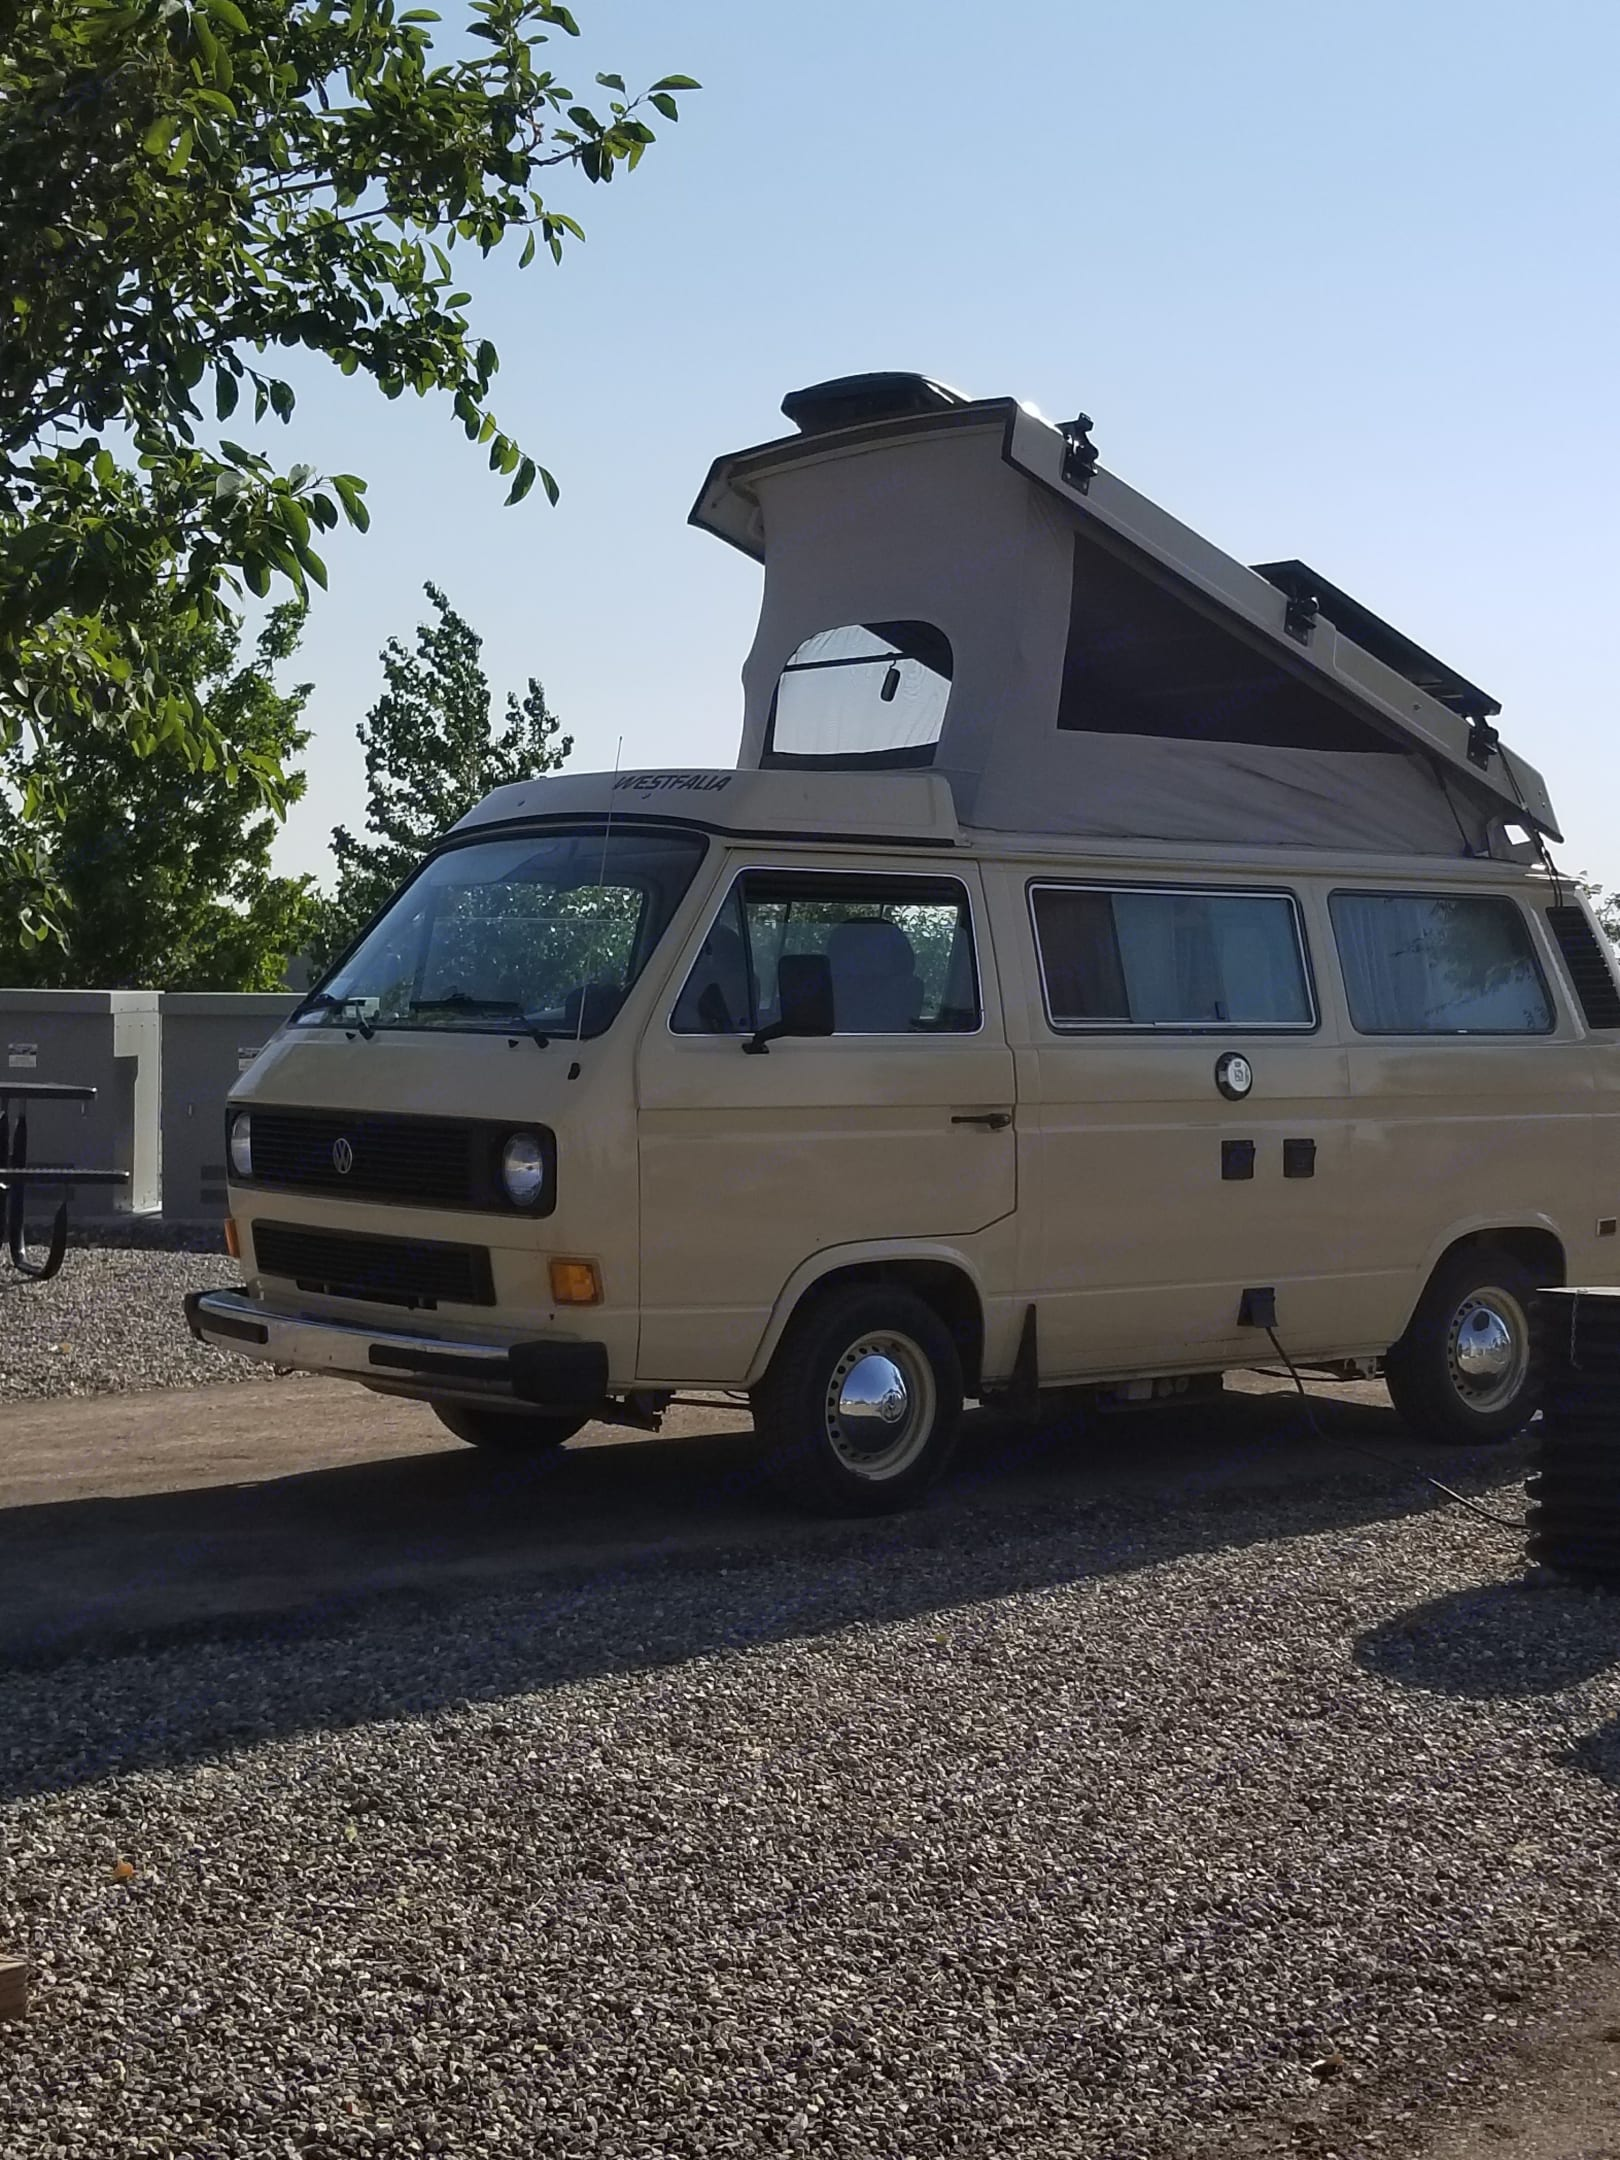 sleeping under the stars in comfort with the pop top open. . Volkswagen Westfalia 1982